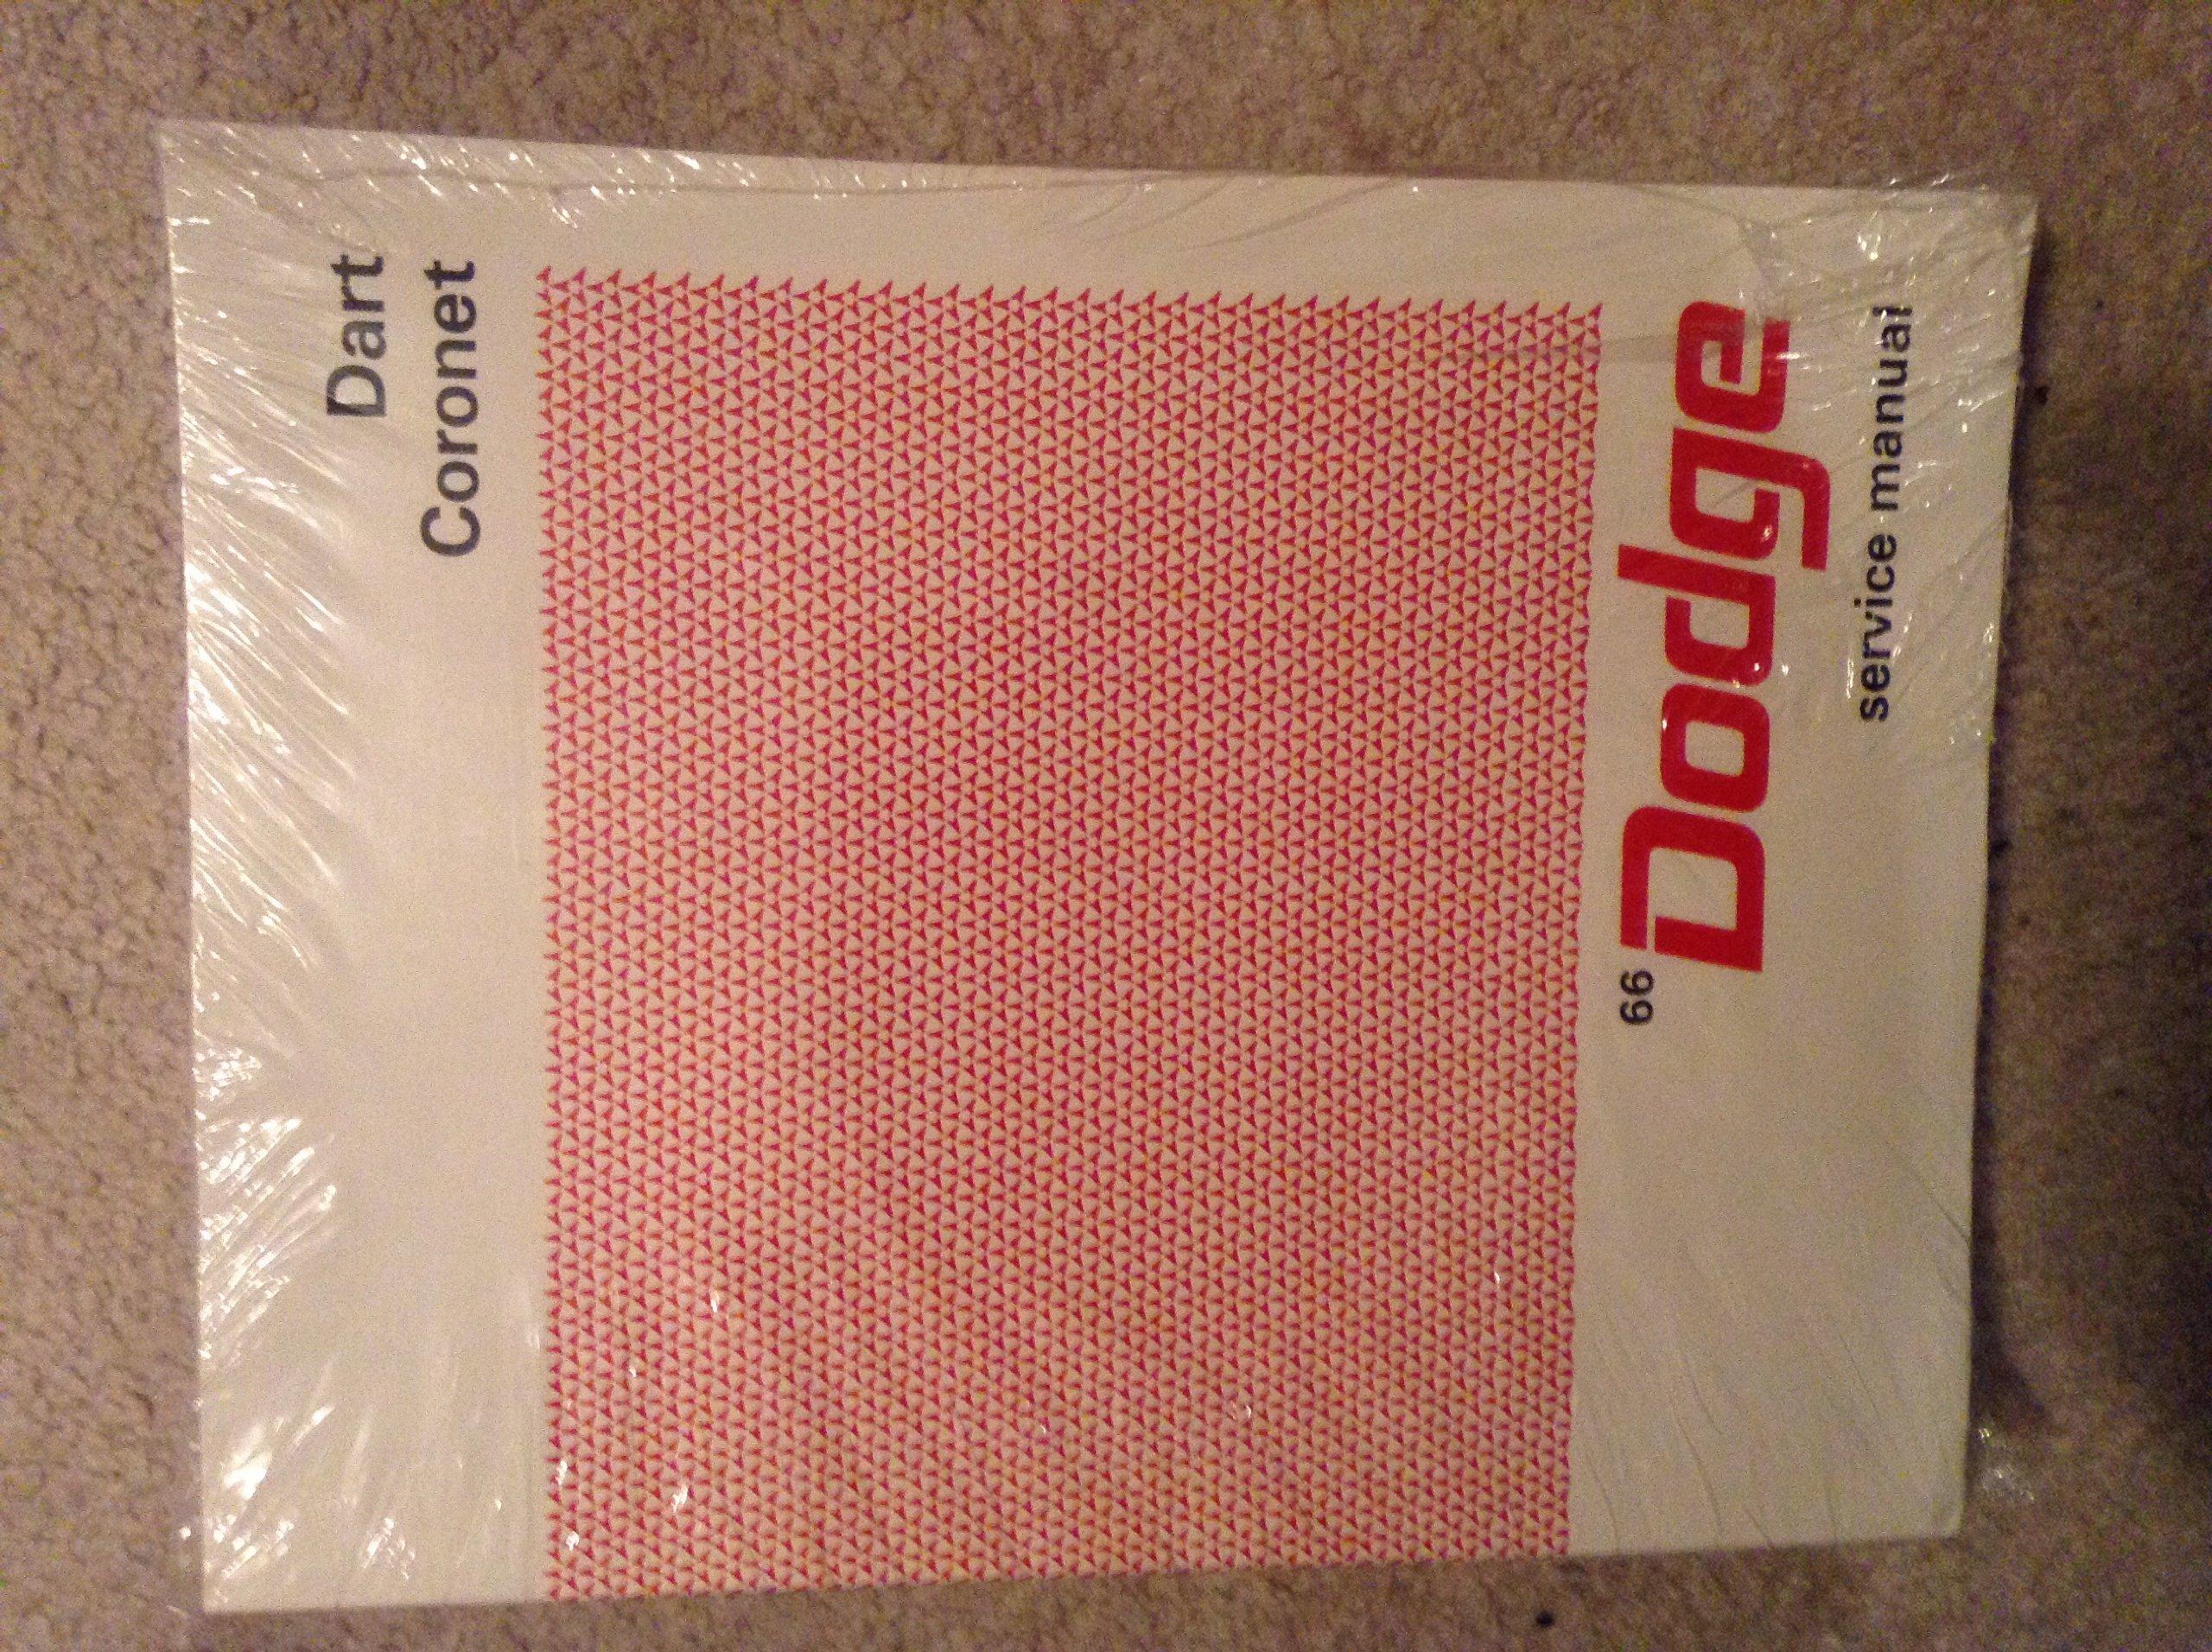 1966 Dodge Charger Coronet Dart Repair Shop Manual Reprint Wiring Diagram Chrysler Books